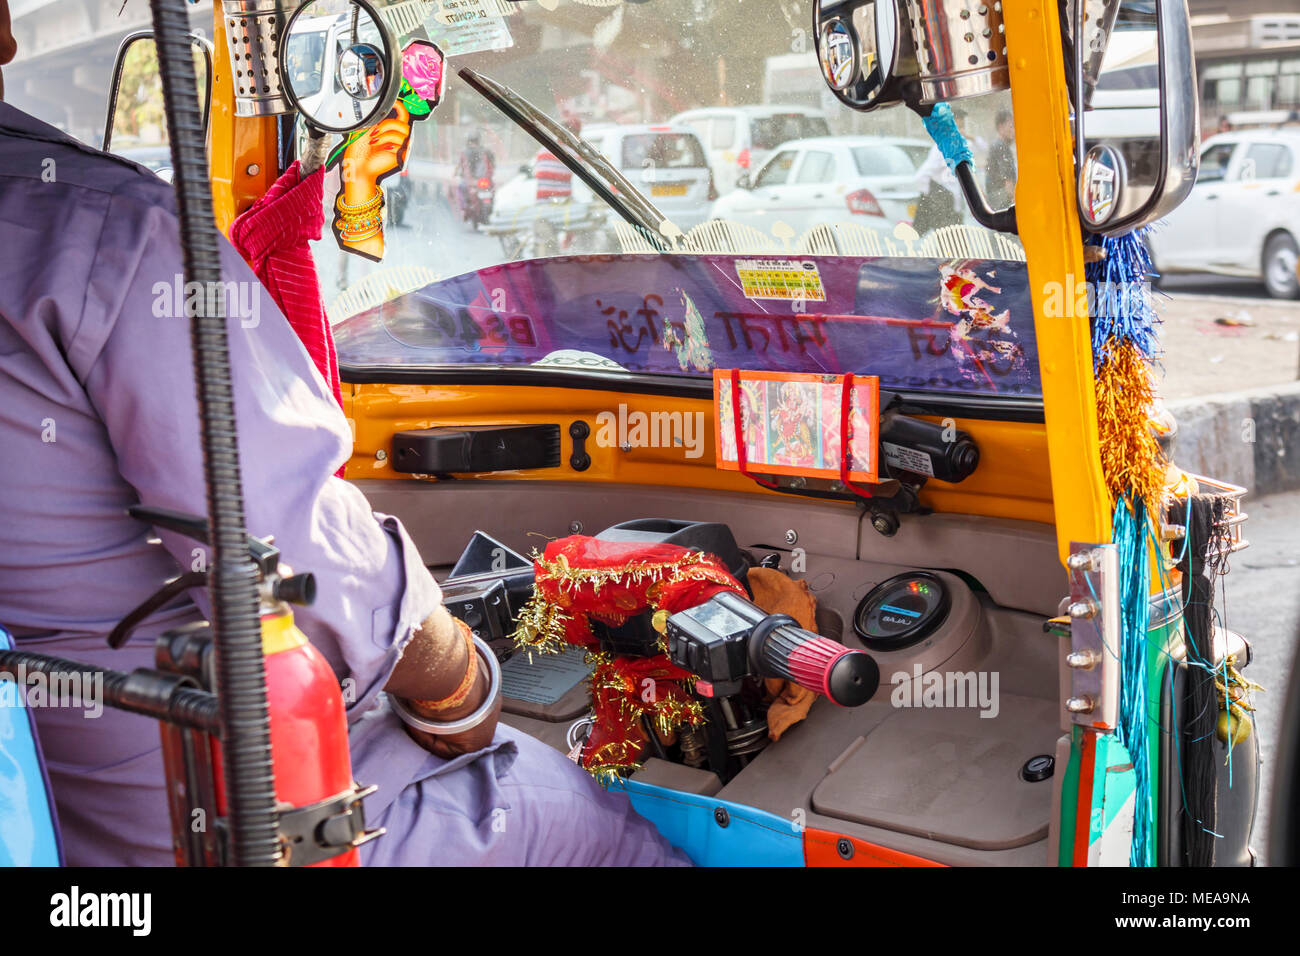 Fahren im Indischen Verkehr: Blick in die bunte Kabine des typisch indischen Tuk-tuk auf den Straßen von Neu Delhi, Punjab, Indien Stockbild